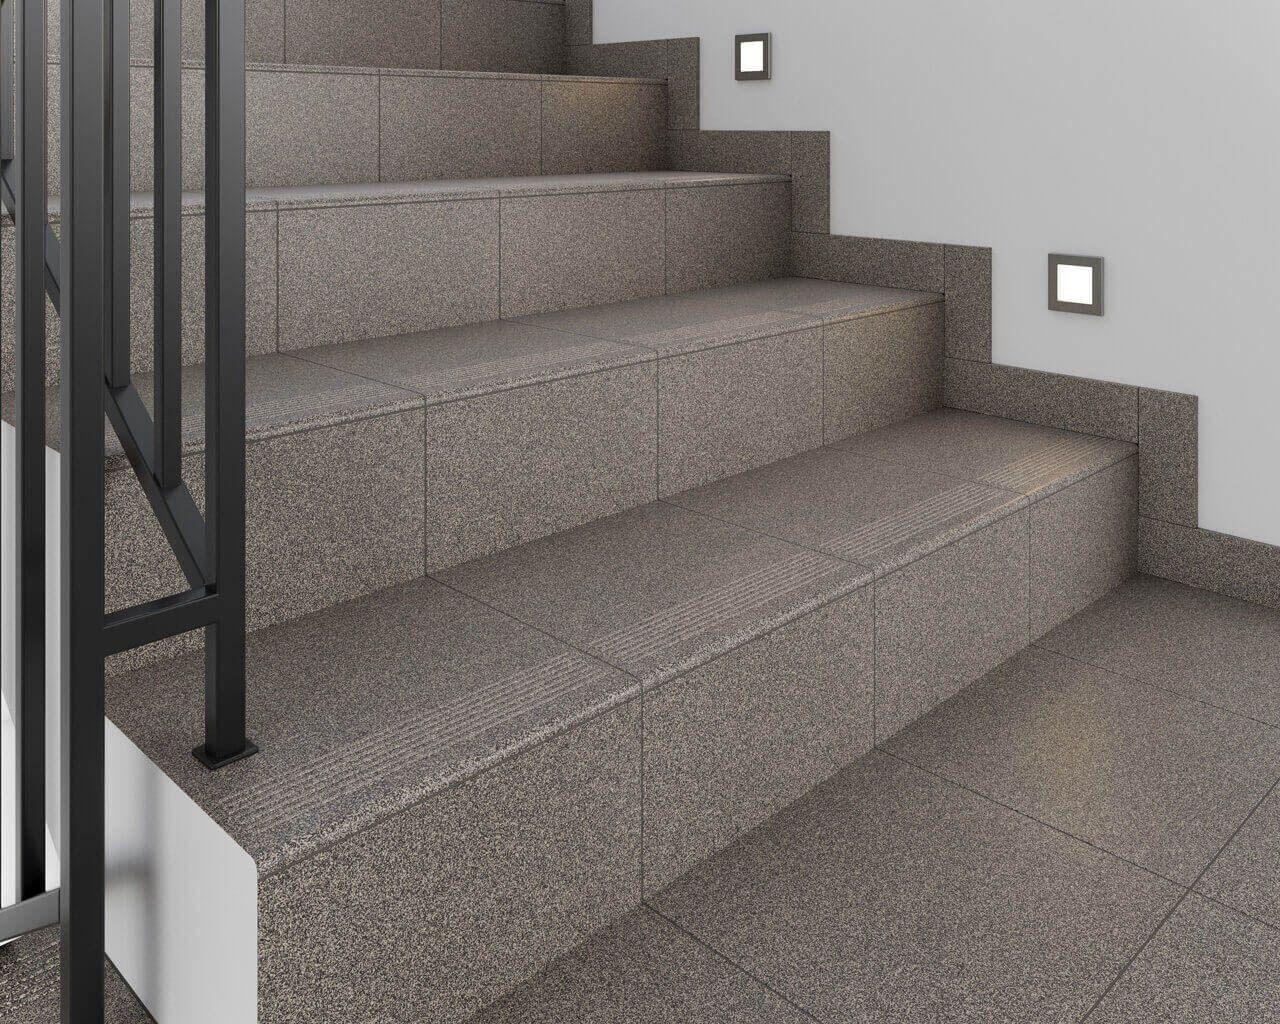 Płytki ceramiczne na schodach